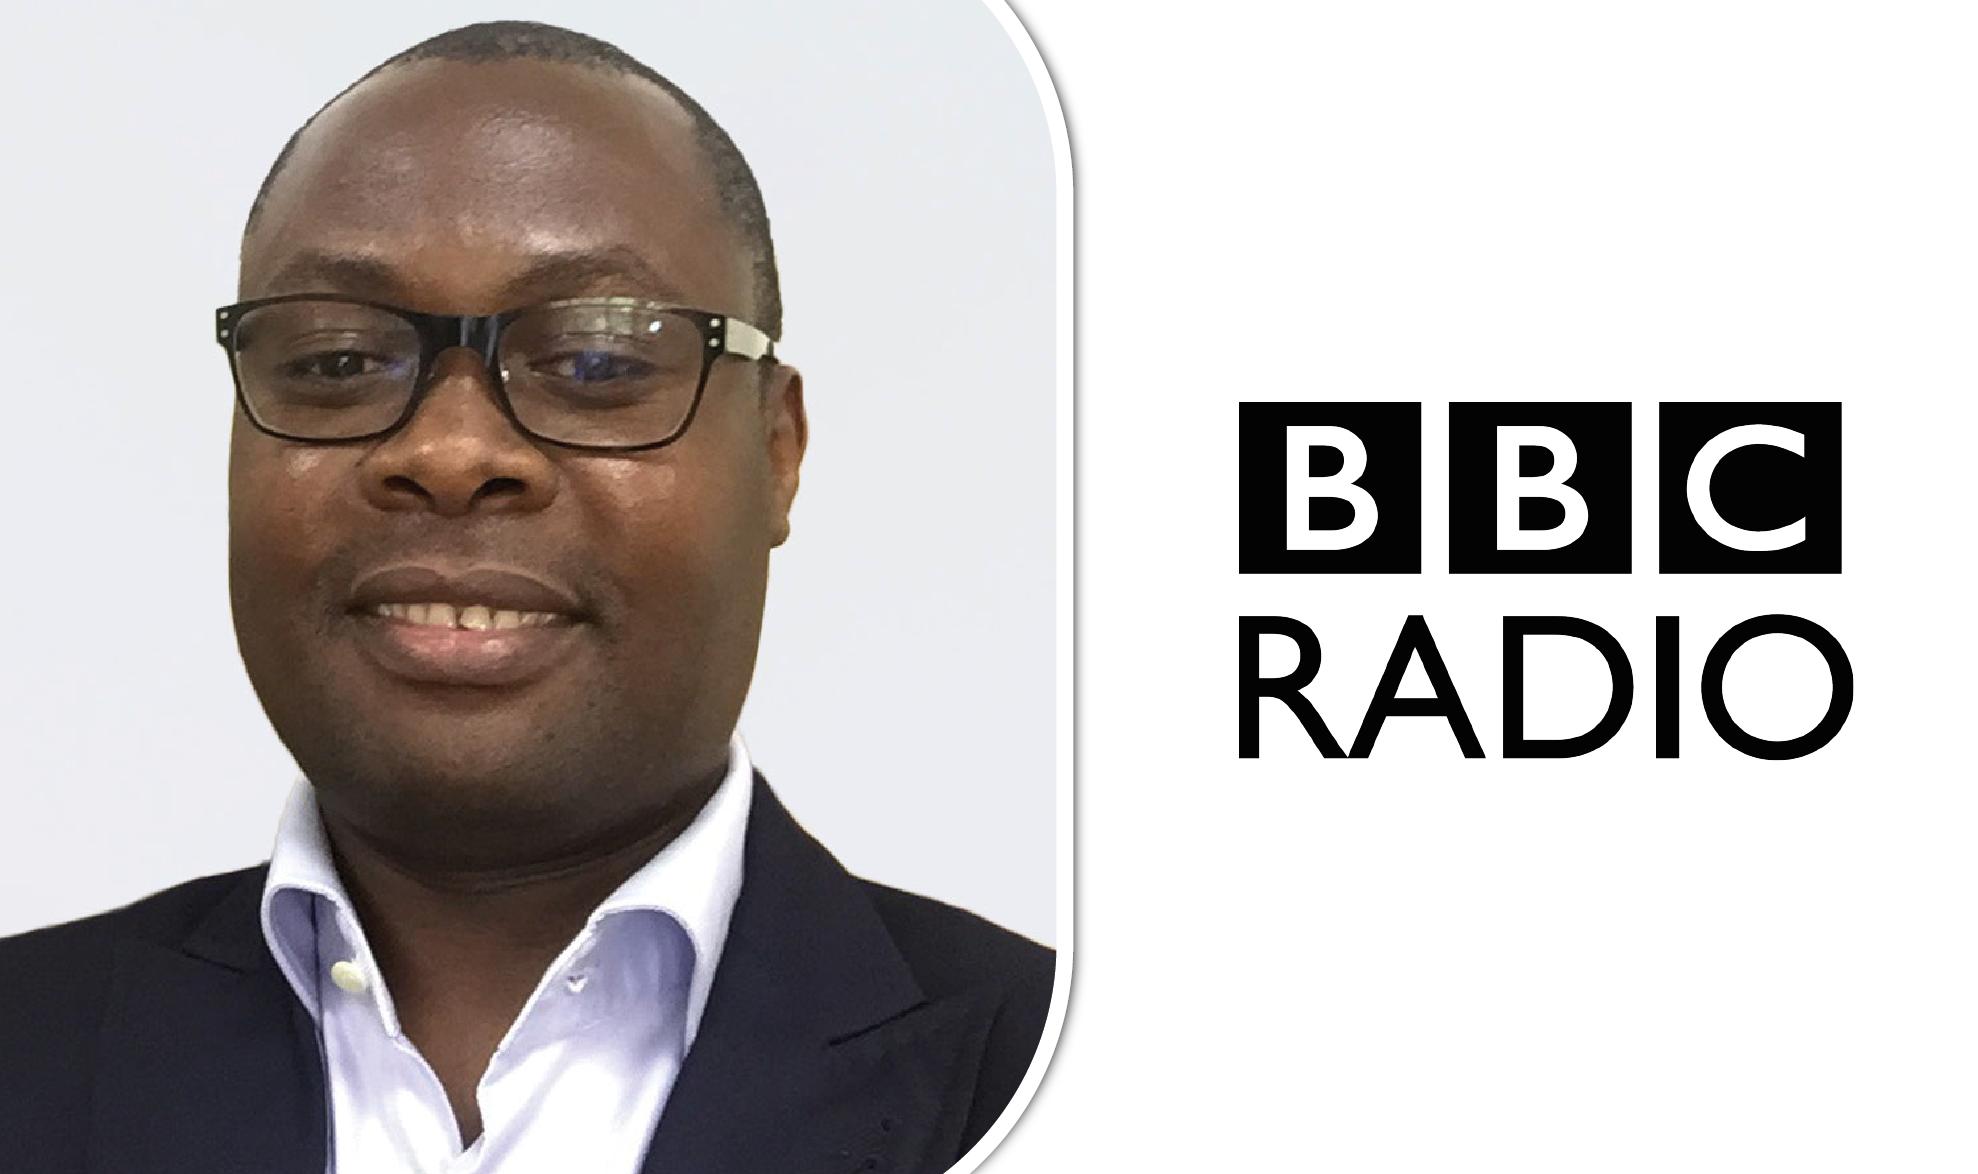 bbc tendai murisa